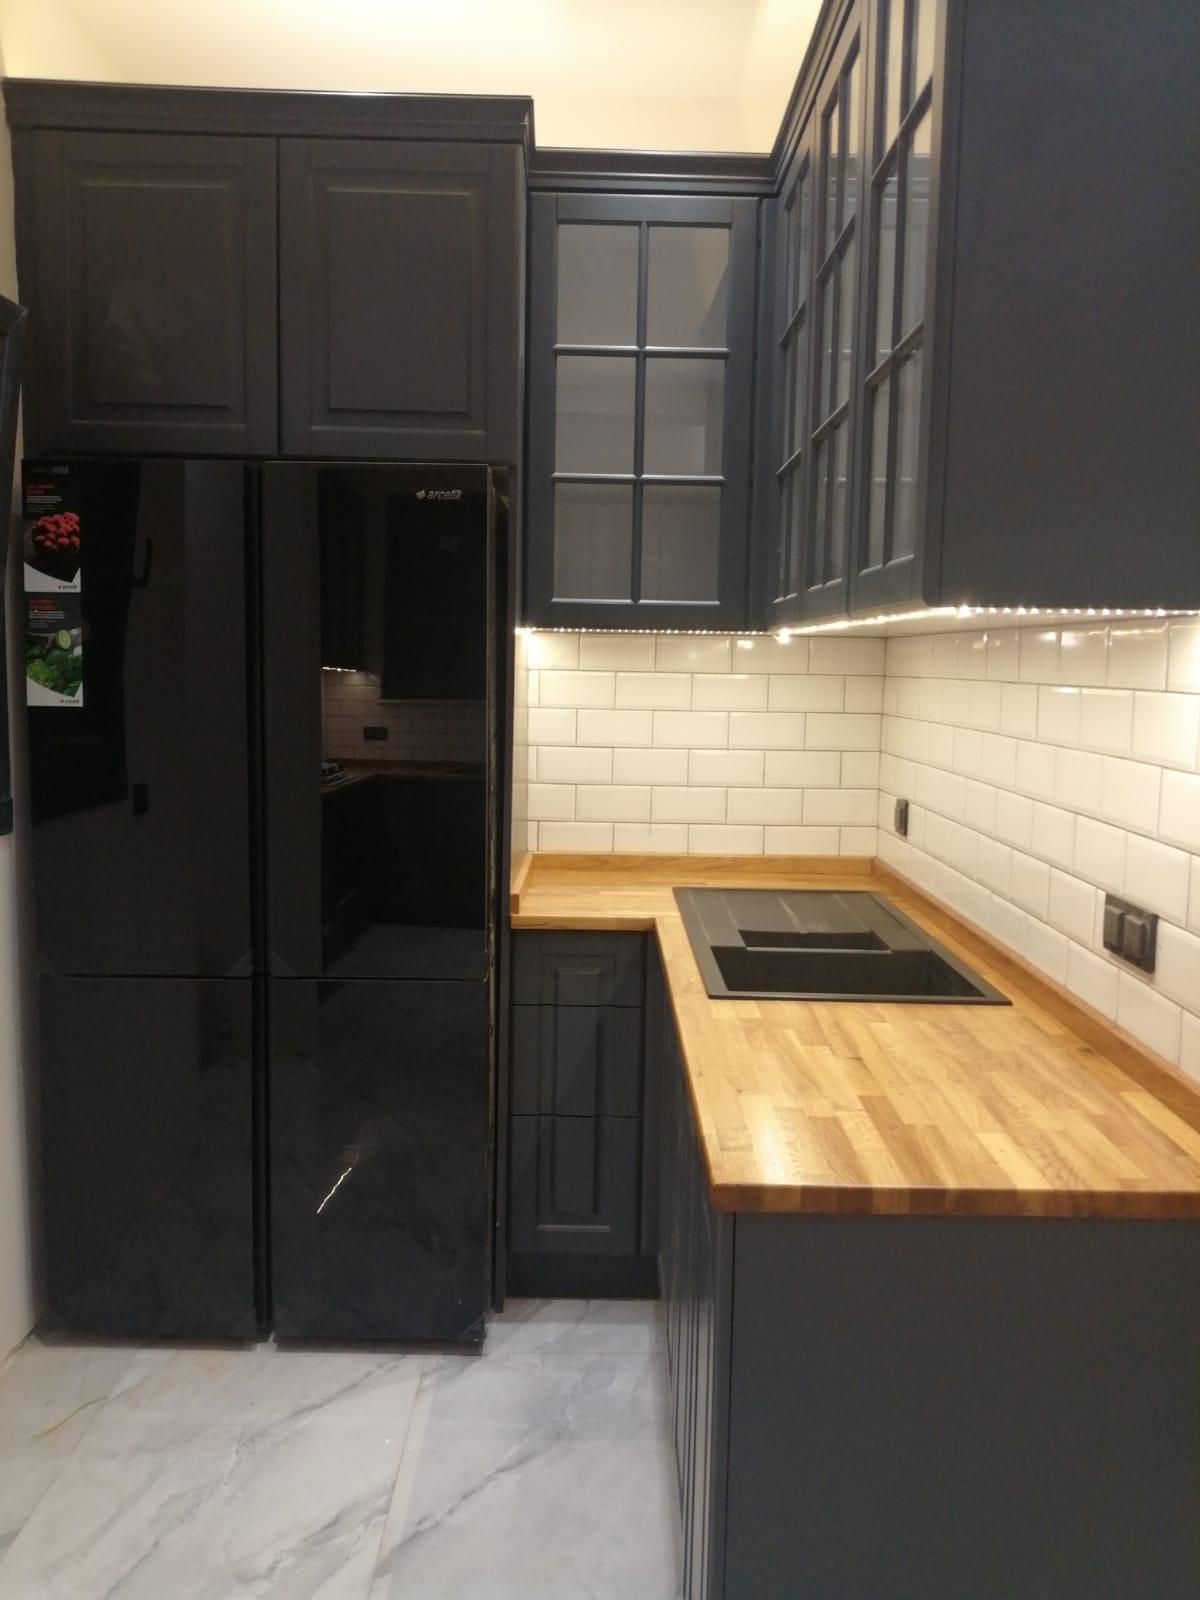 mutfak dekorasyonu, mutfak dekorasyonu modelleri, mutfak dekorasyonu fiyatı, mutfak mobilyacı